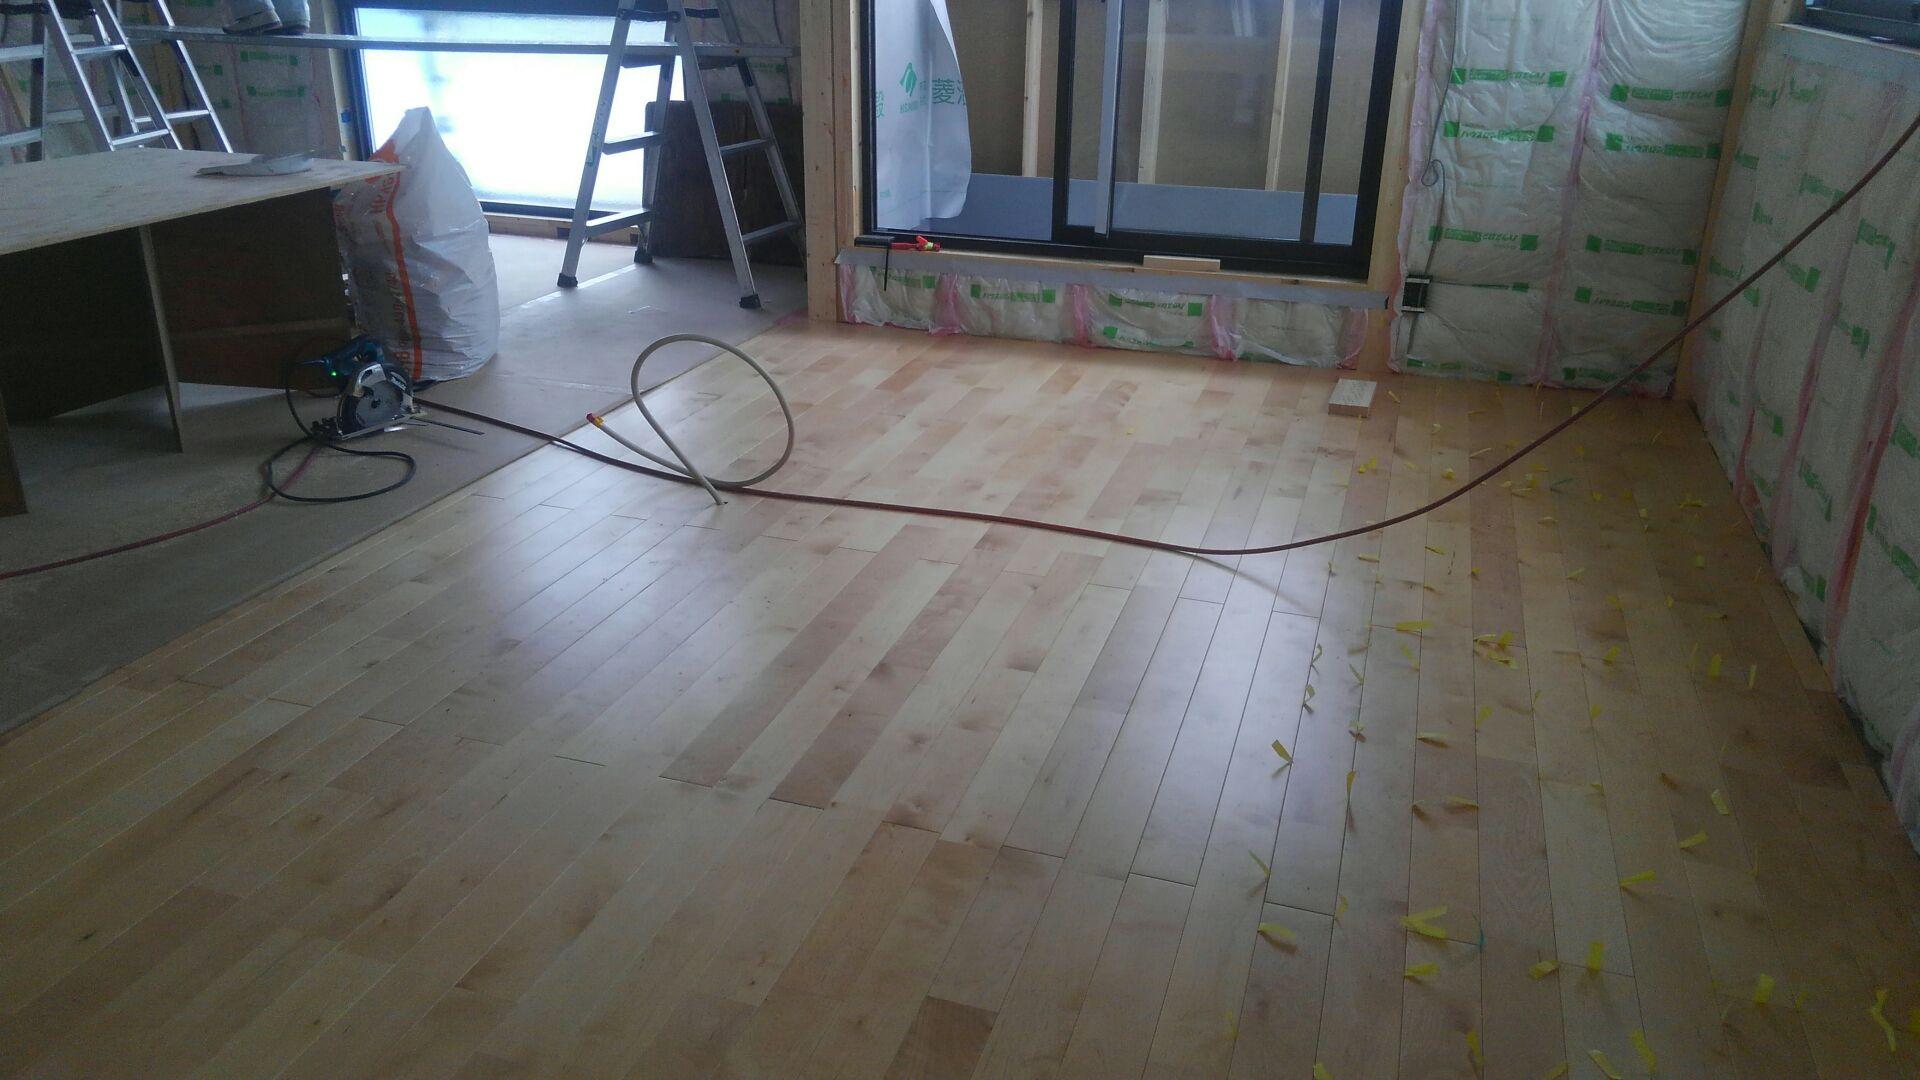 床張が完成です。キレイな仕上がりになりました。 ヤッパリ無垢って、いいものですね。